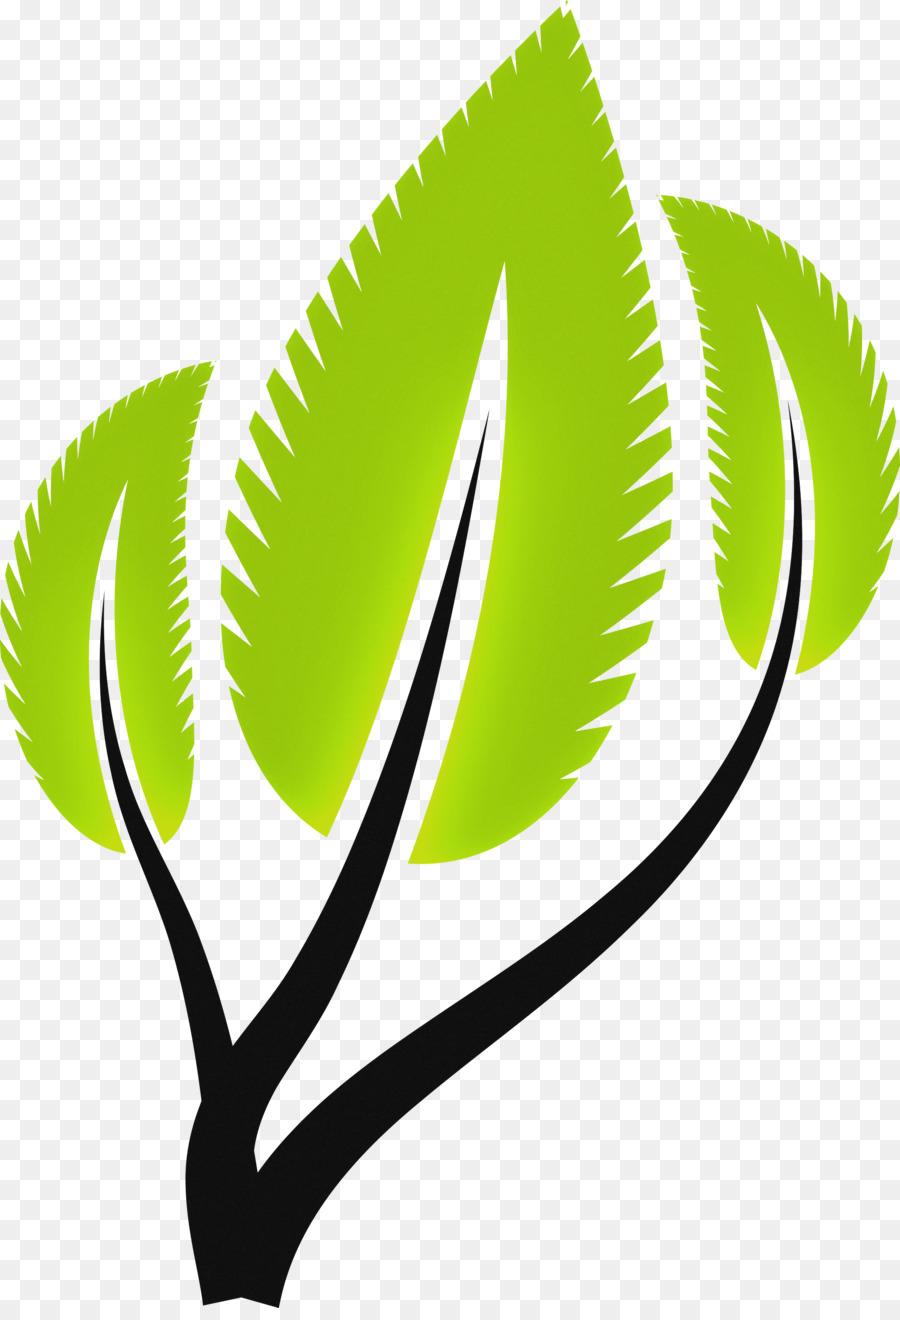 Descarga gratuita de Té Verde, Limonada, Té Imágen de Png